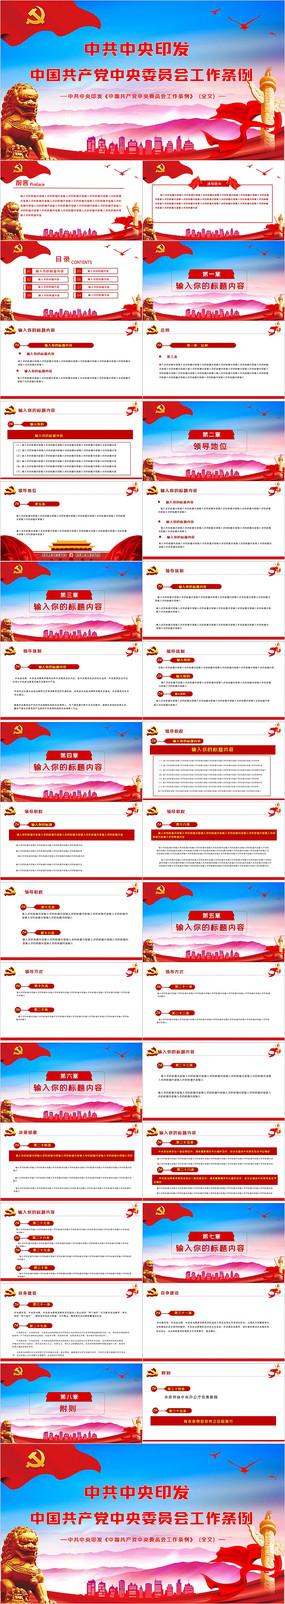 学习解读中国共产党中央委员会工作条例PPT